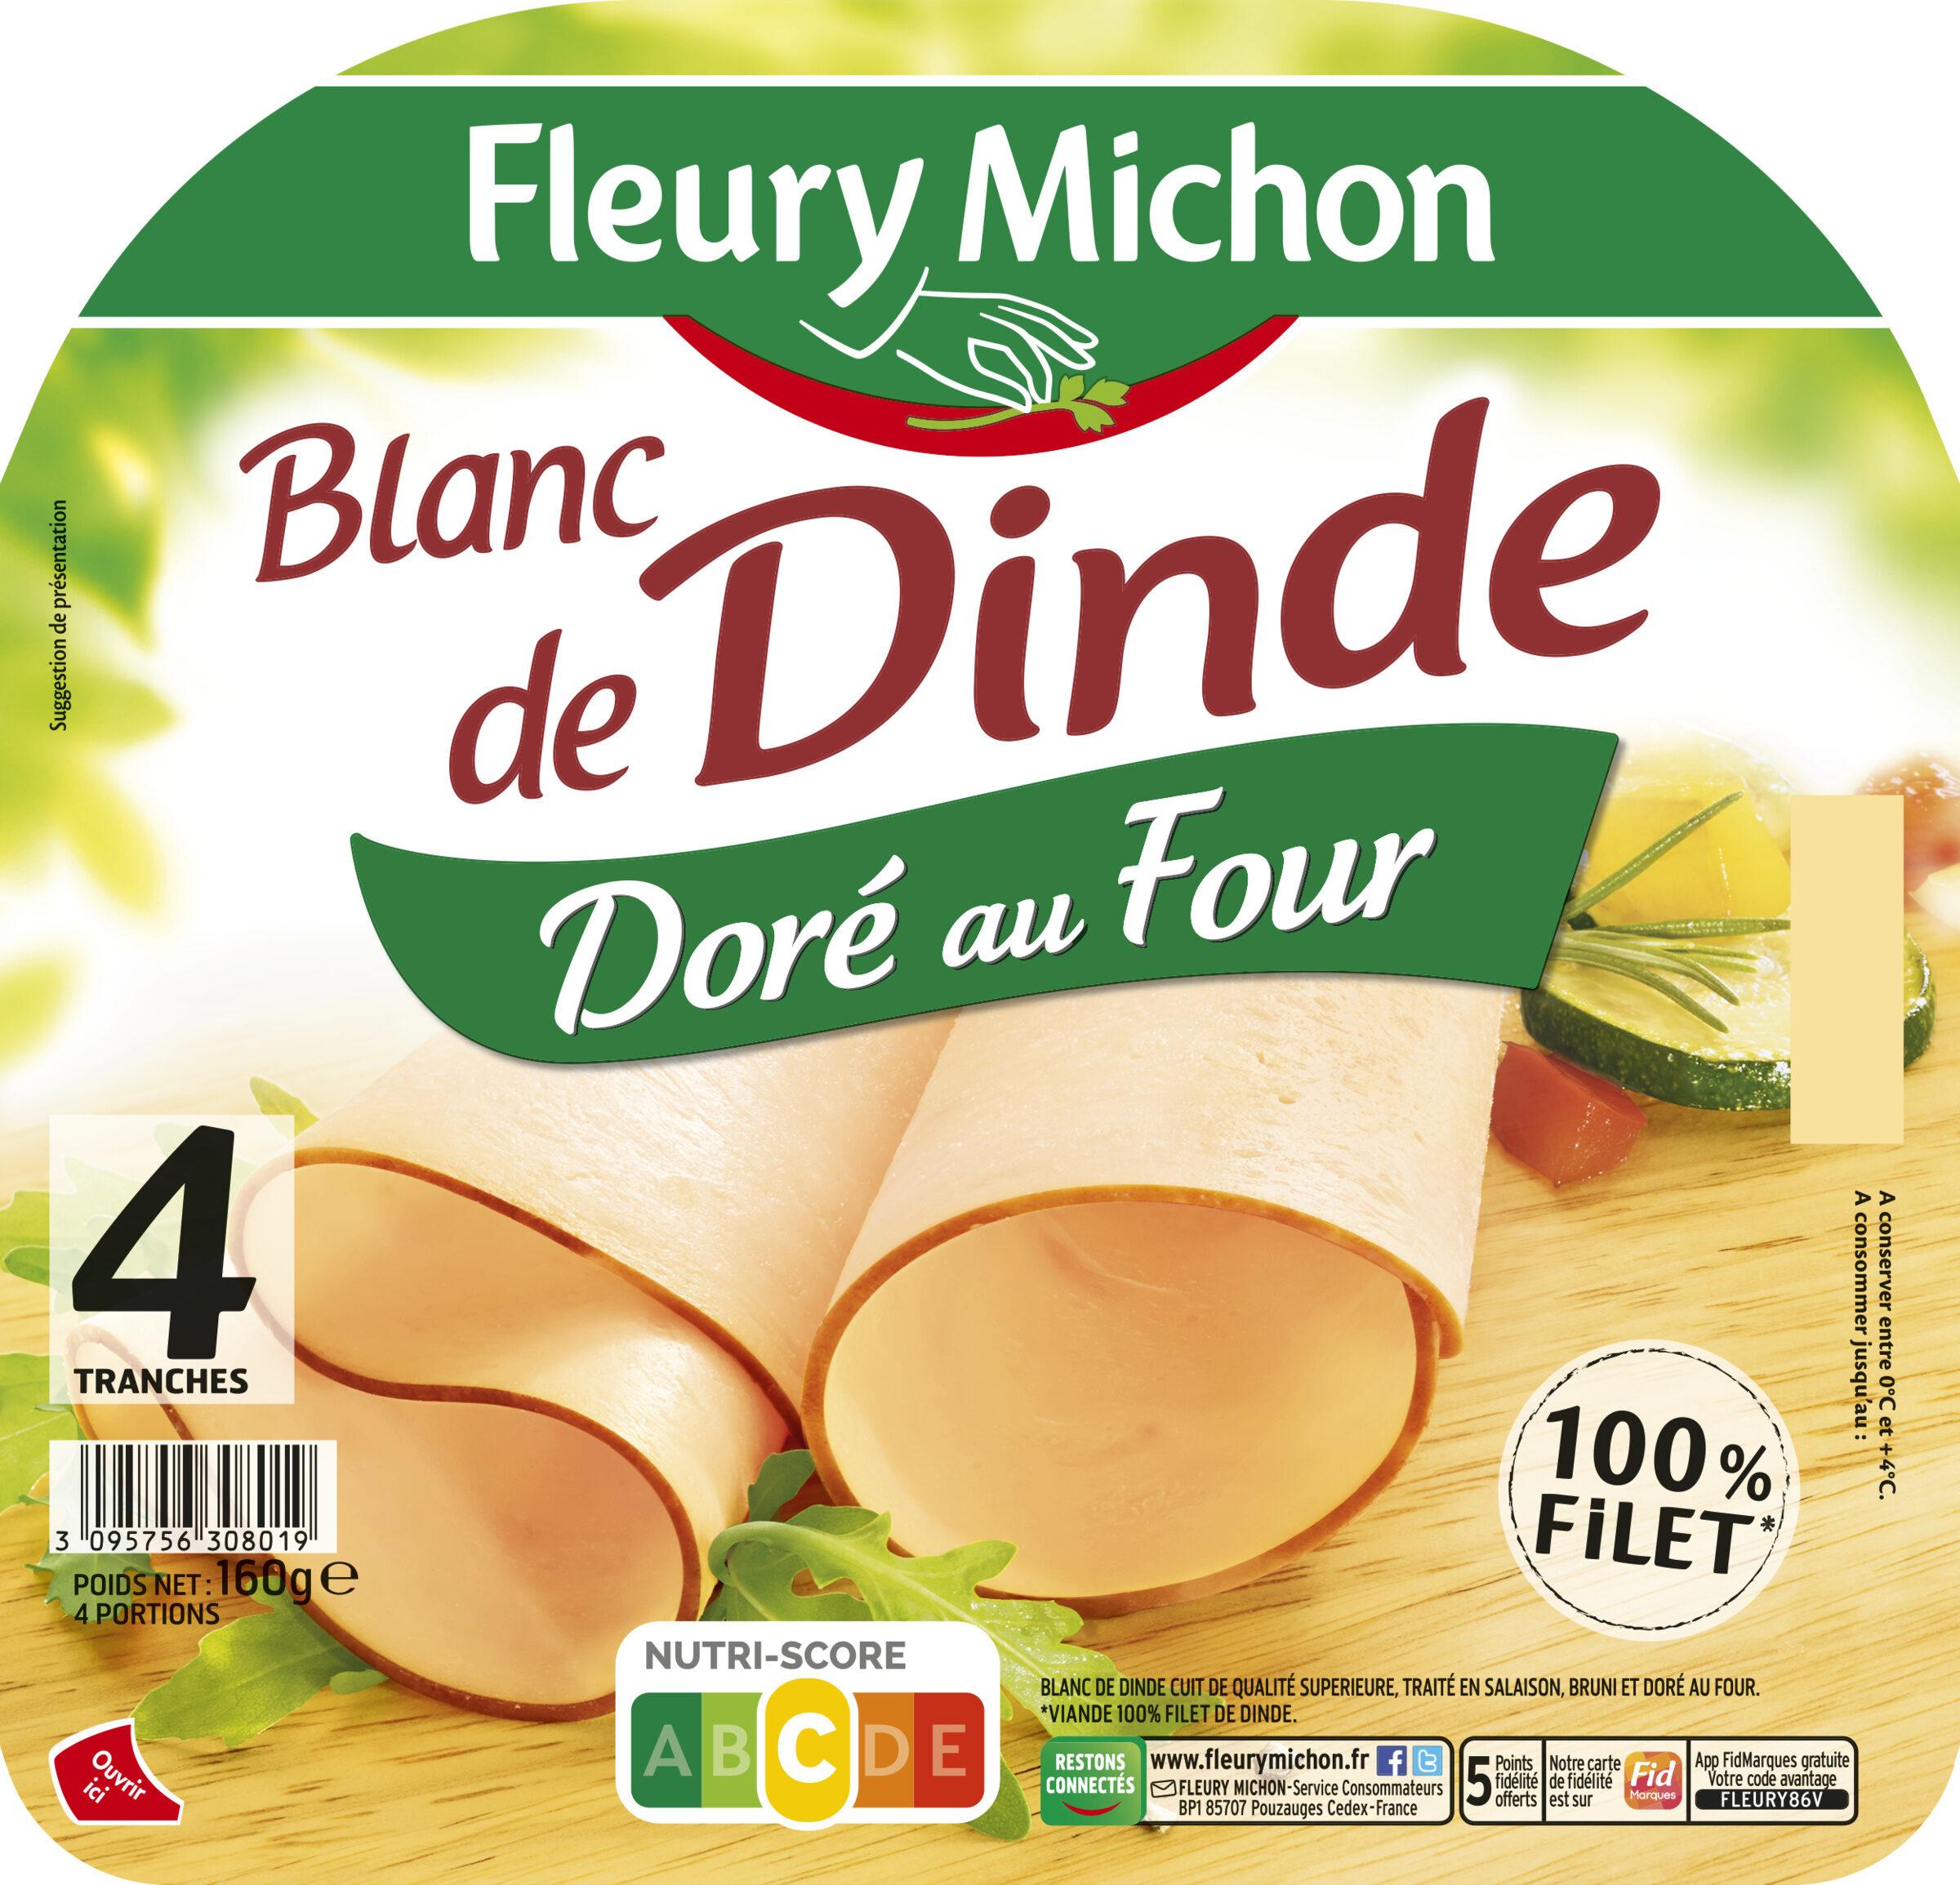 Blanc de Dinde Doré au four - 4tr. - Product - fr